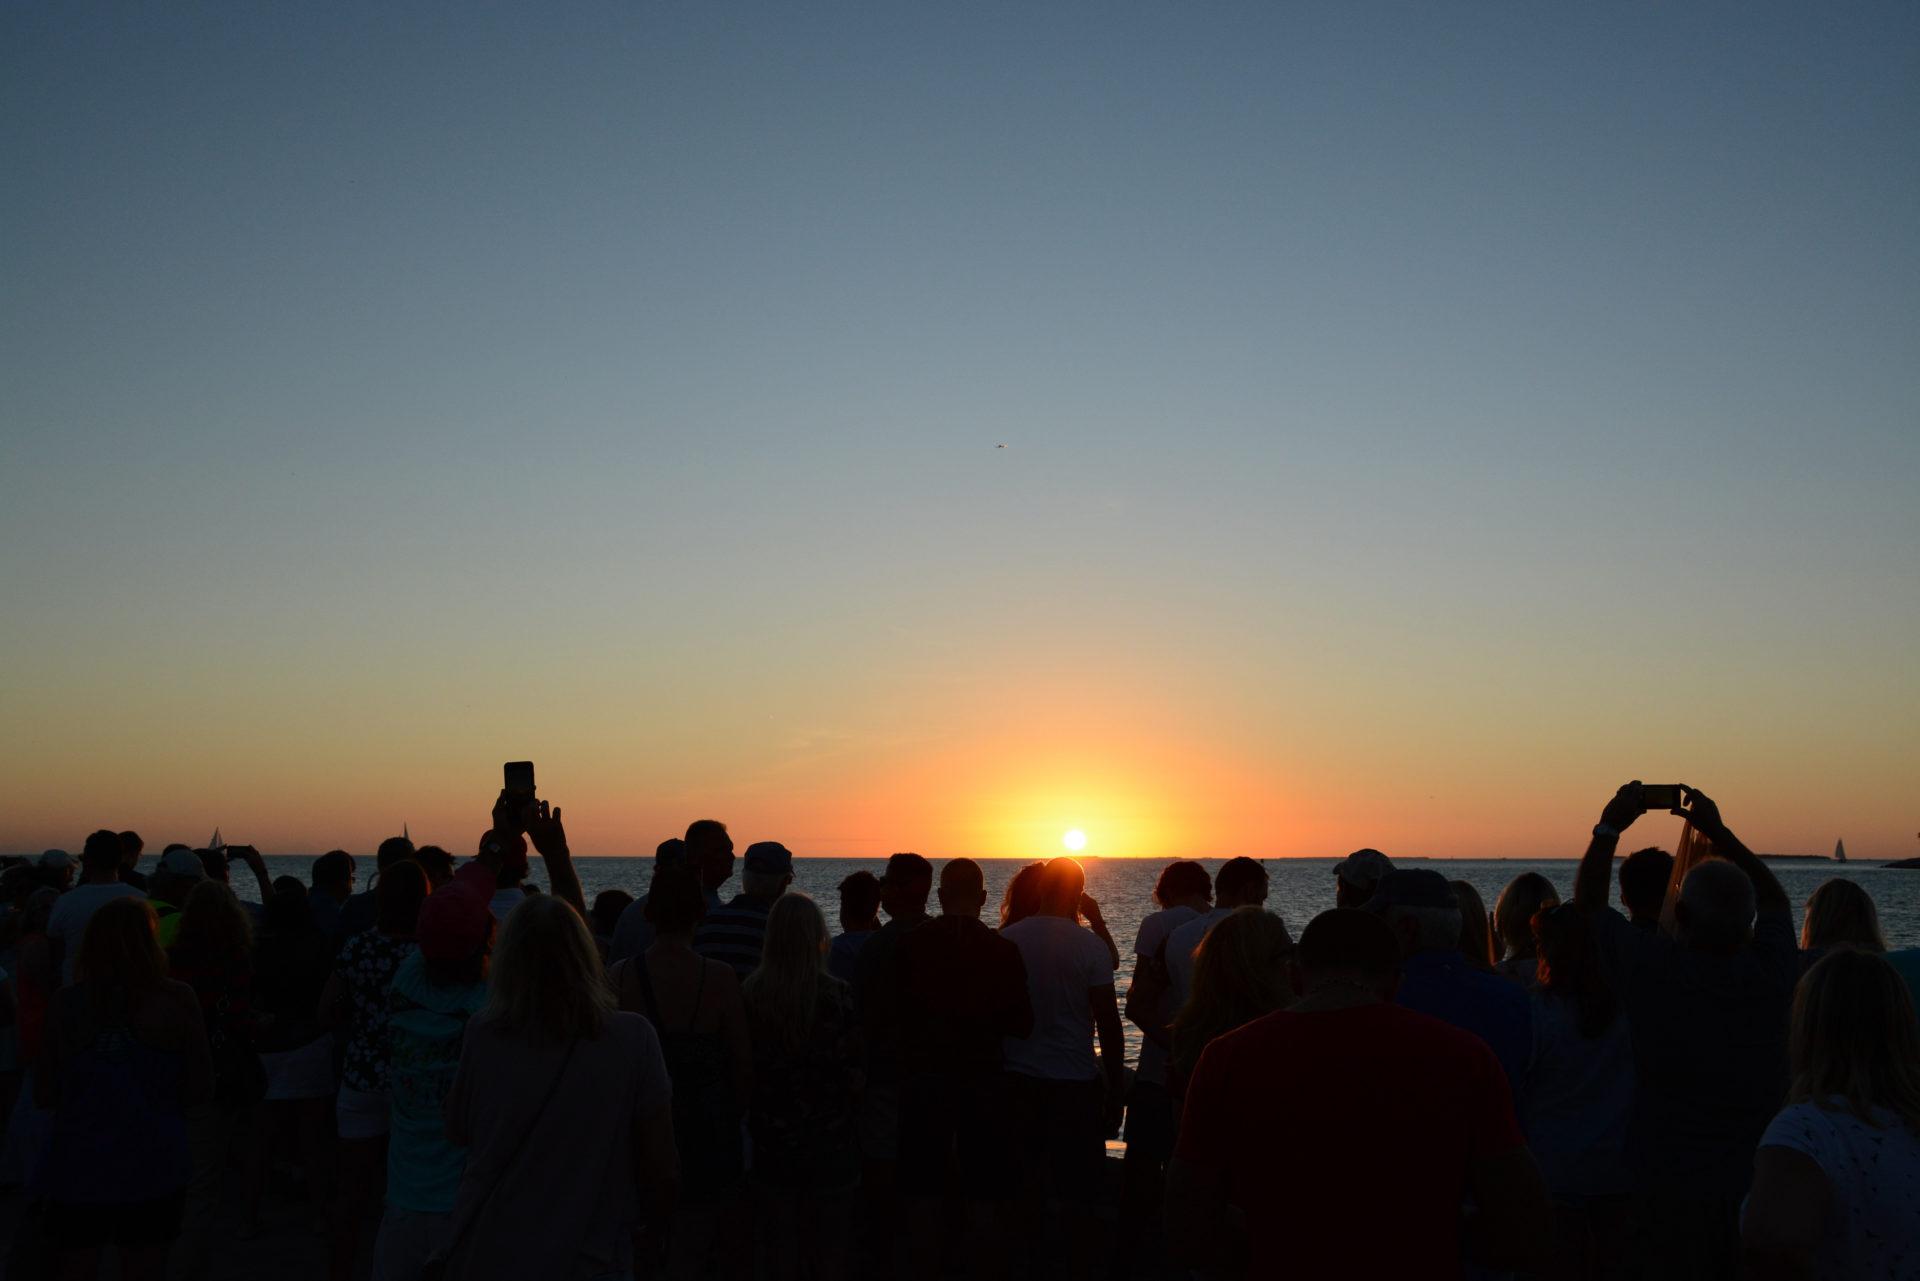 Menschenmenge in Key West feiert den Sonnenuntergang mit Anekdoten über Hemingway und Havanna